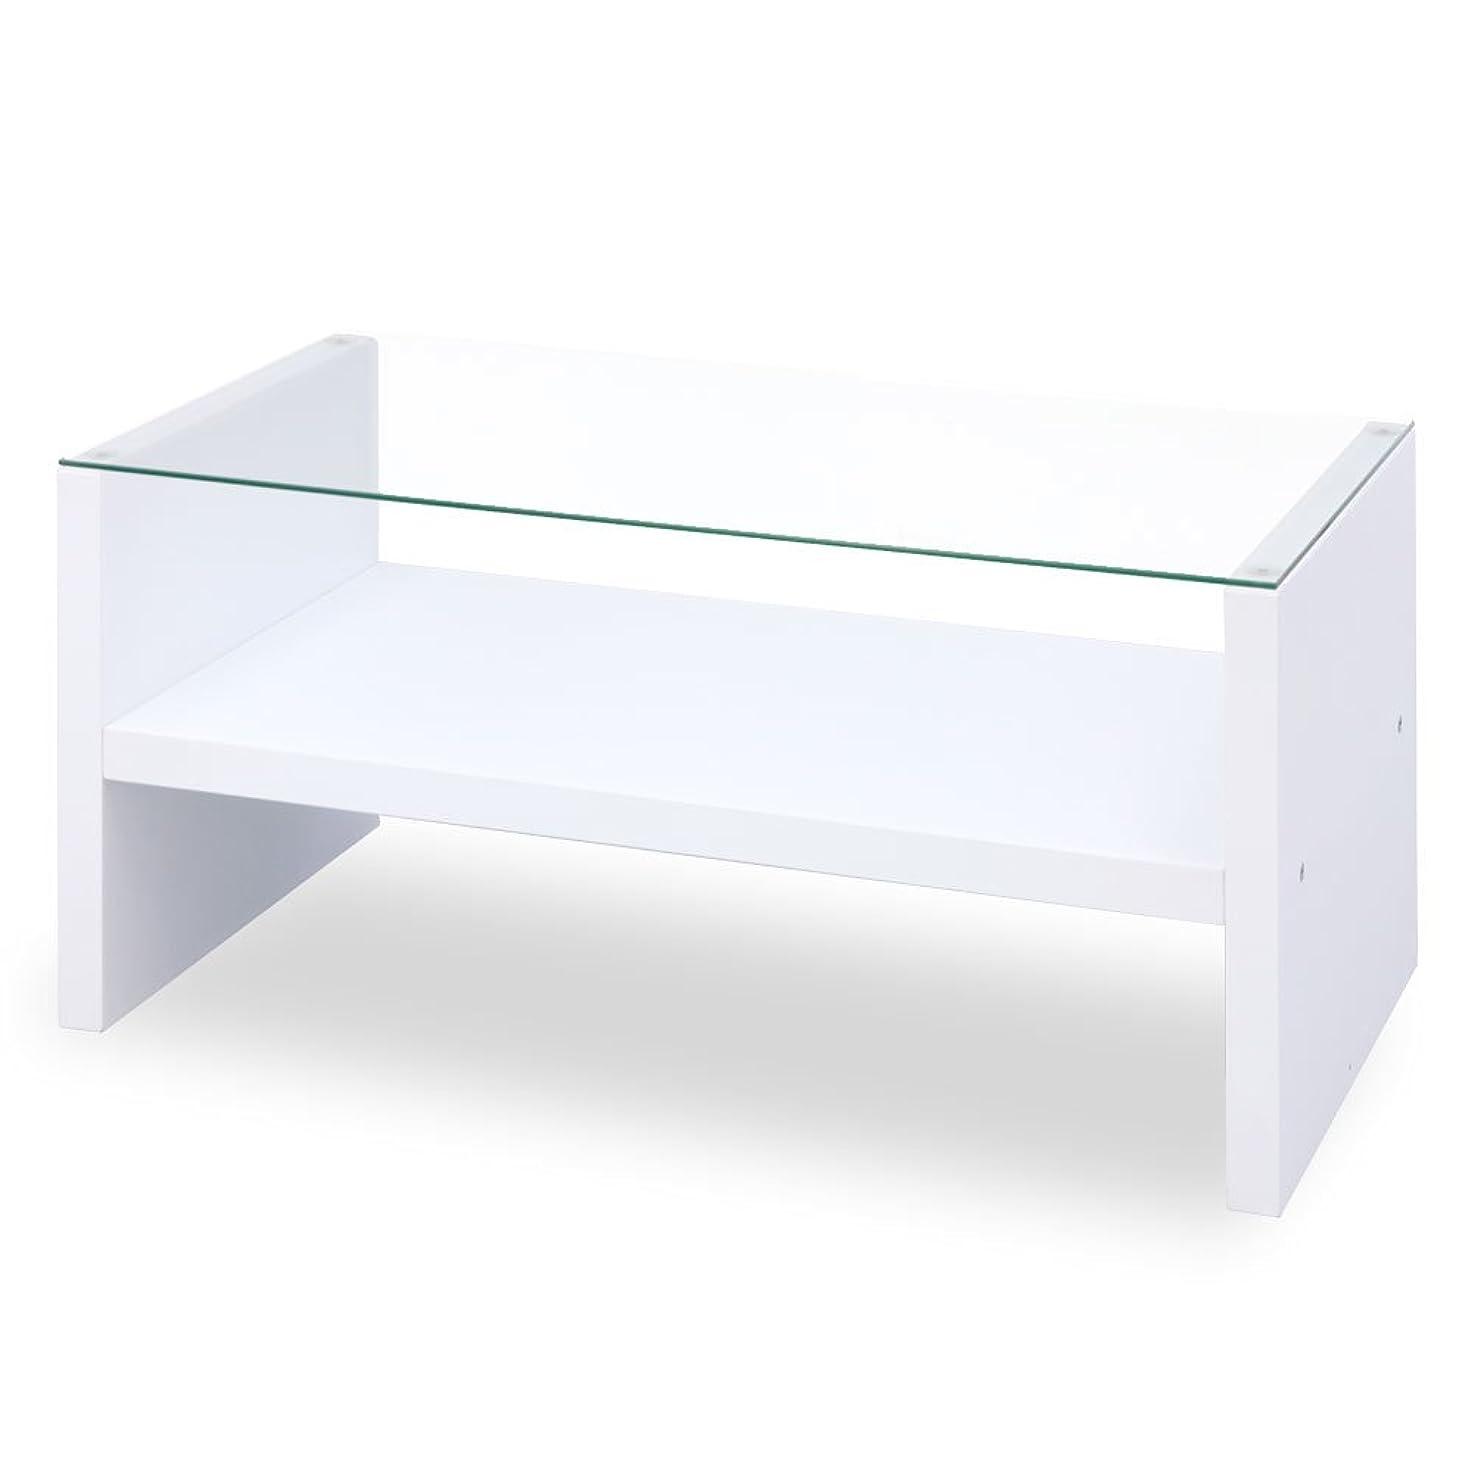 疫病写真撮影チップぼん家具 幅90×高さ41.5cm 強化ガラス 棚付き 長方形 ガラステーブル ローテーブル 机 テーブル 座卓 木製 ホワイト